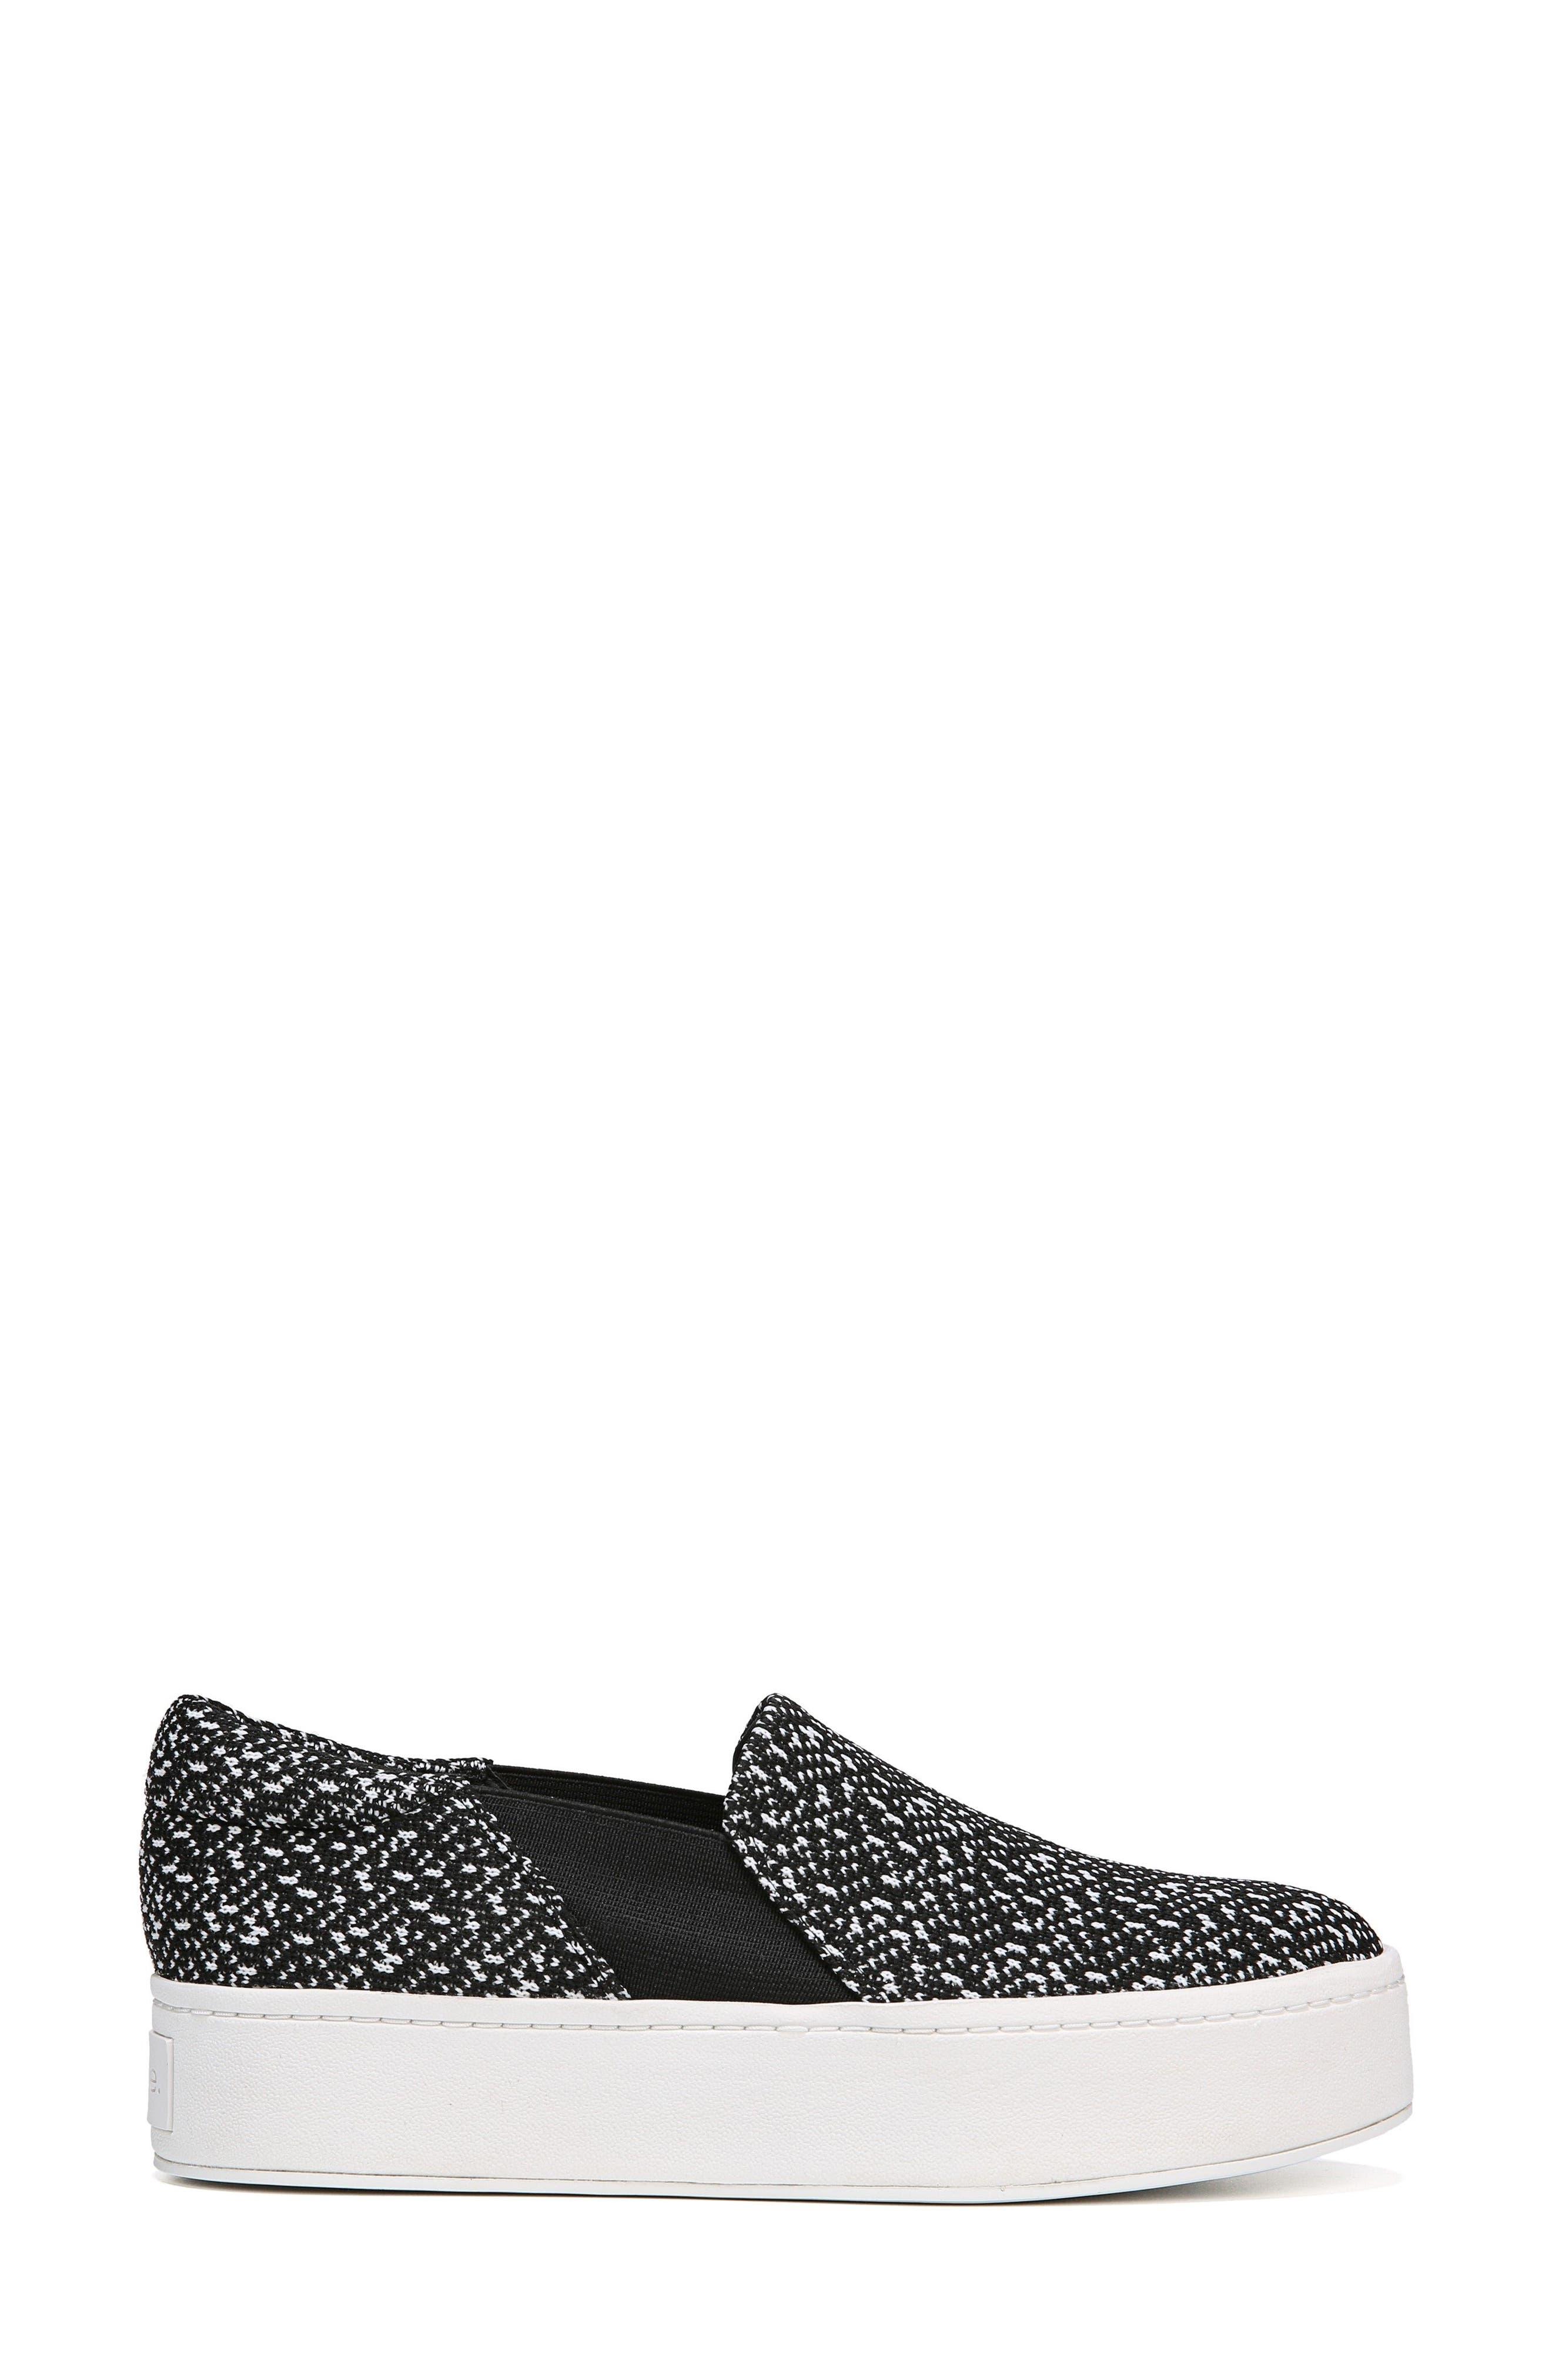 Warren Slip-On Sneaker,                             Alternate thumbnail 3, color,                             BLACK/ WHITE